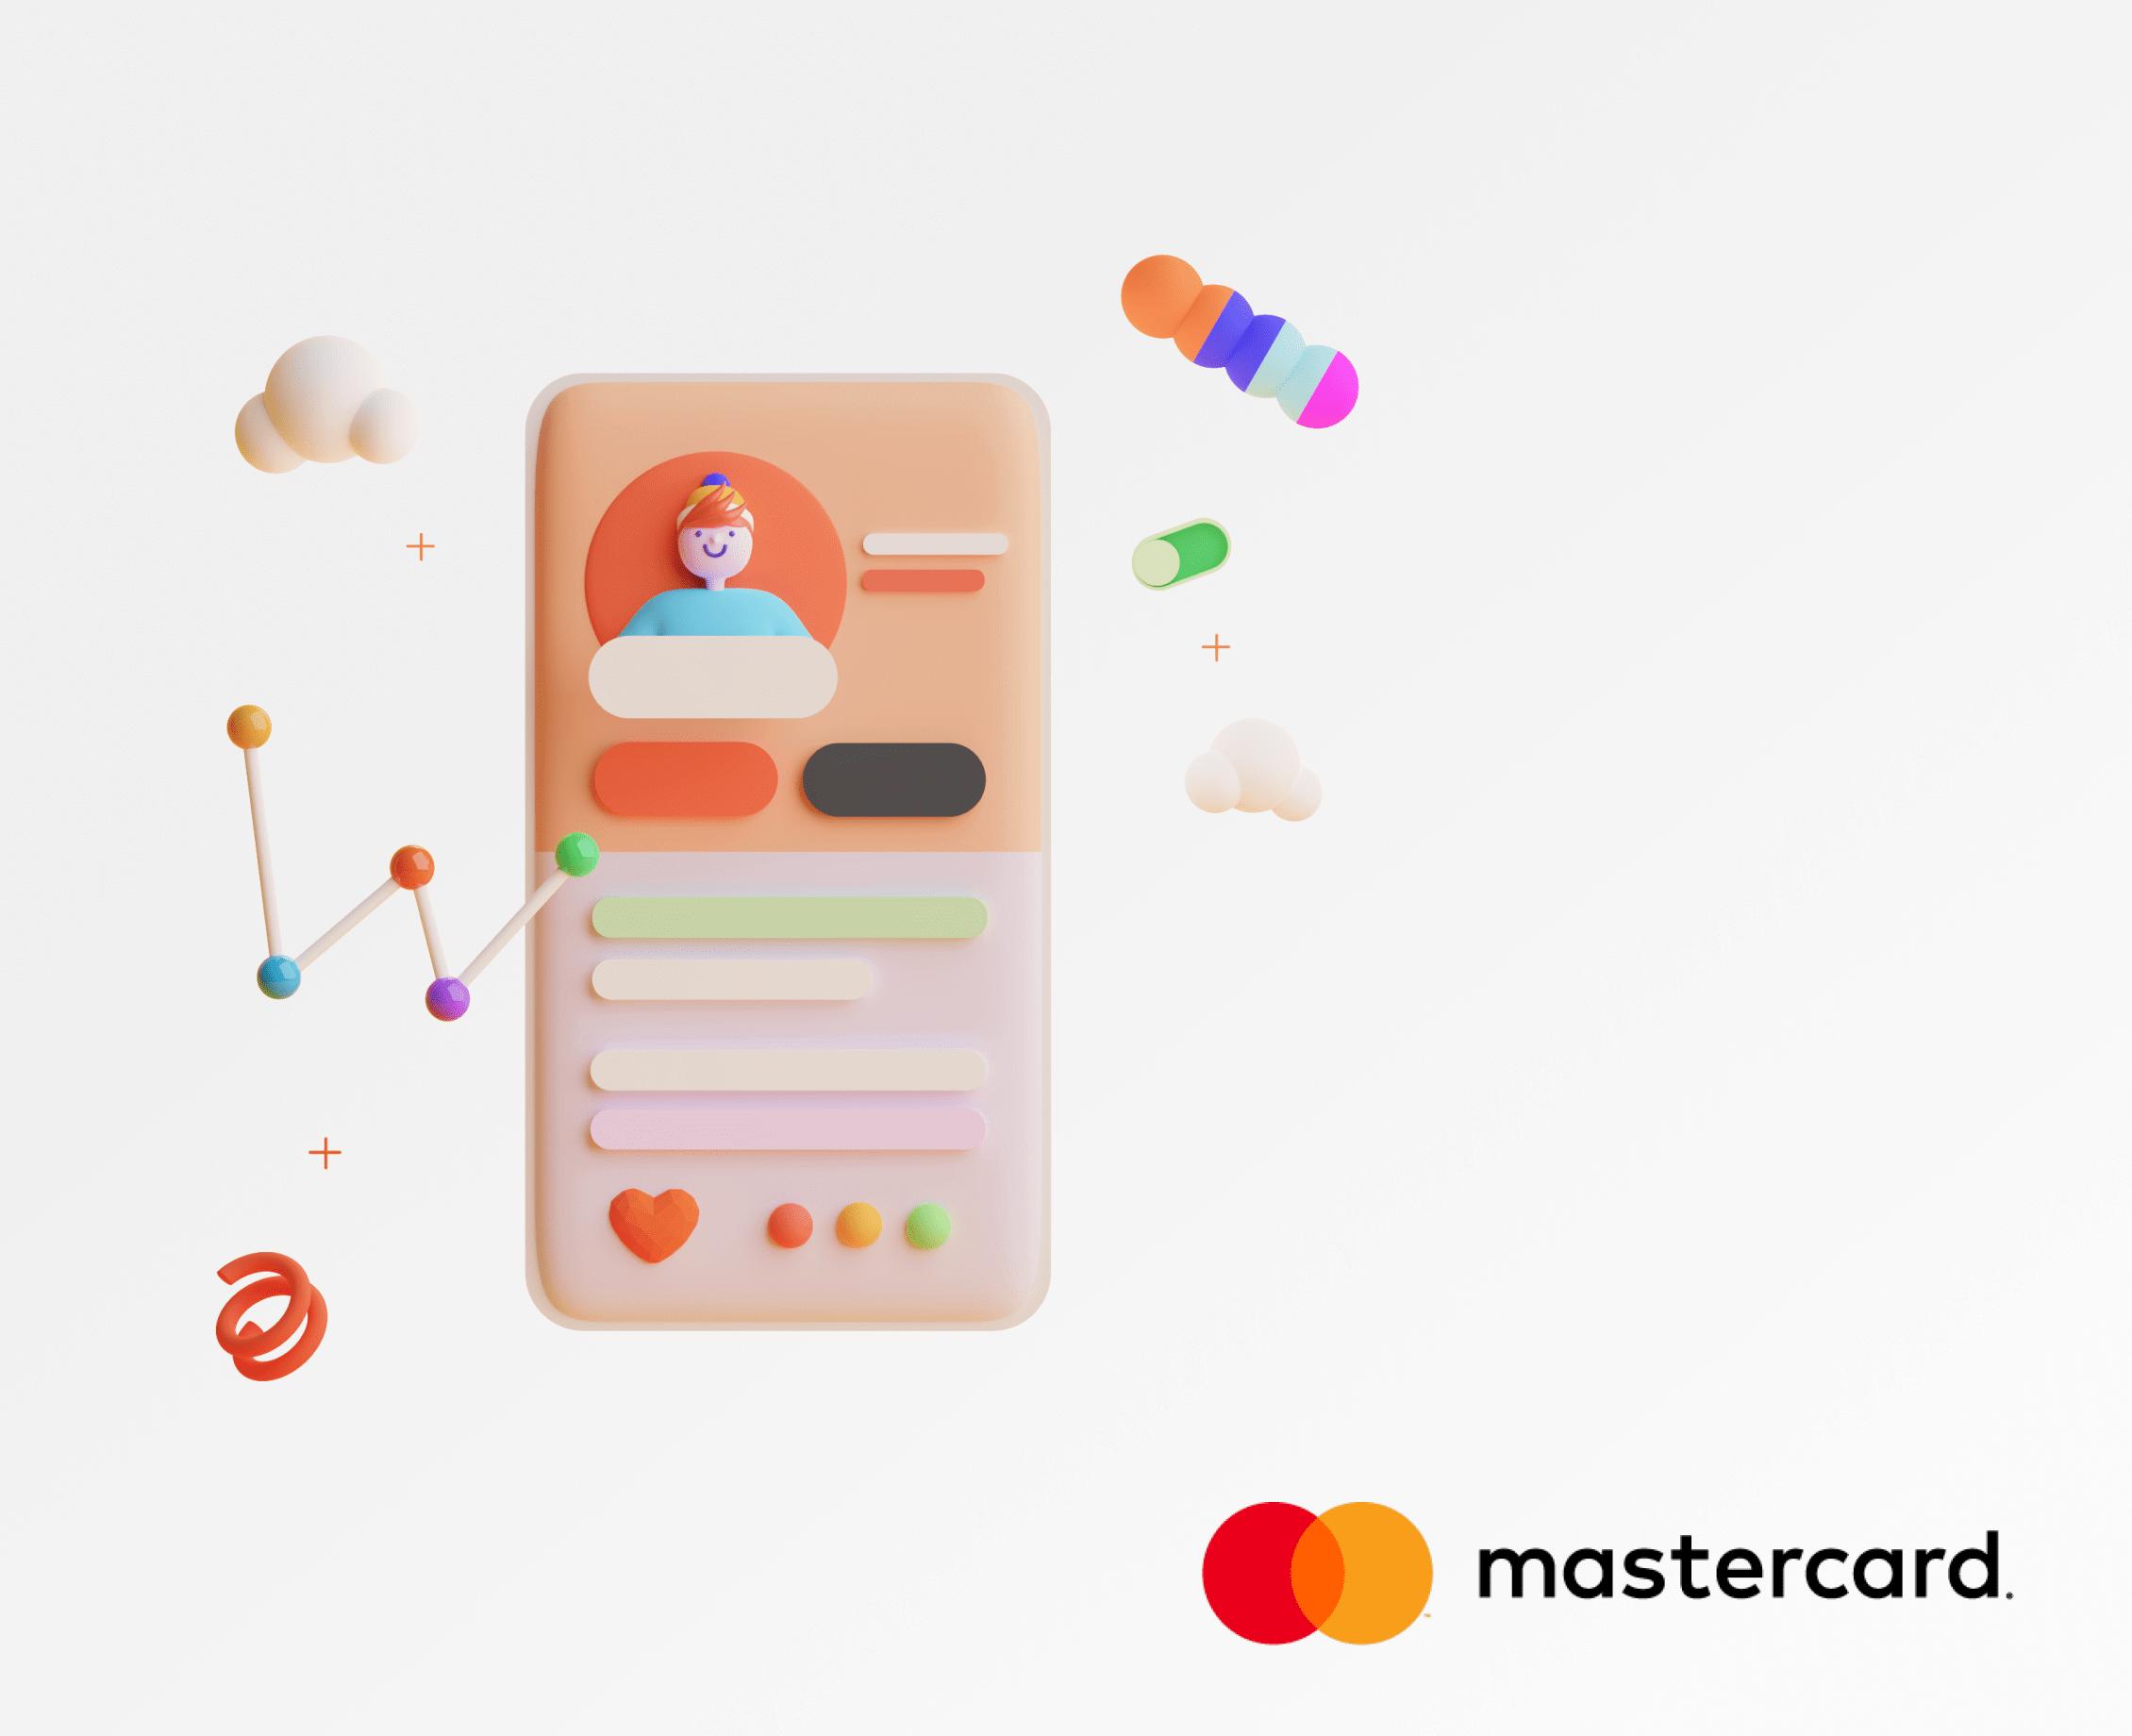 masterpass_mastercard